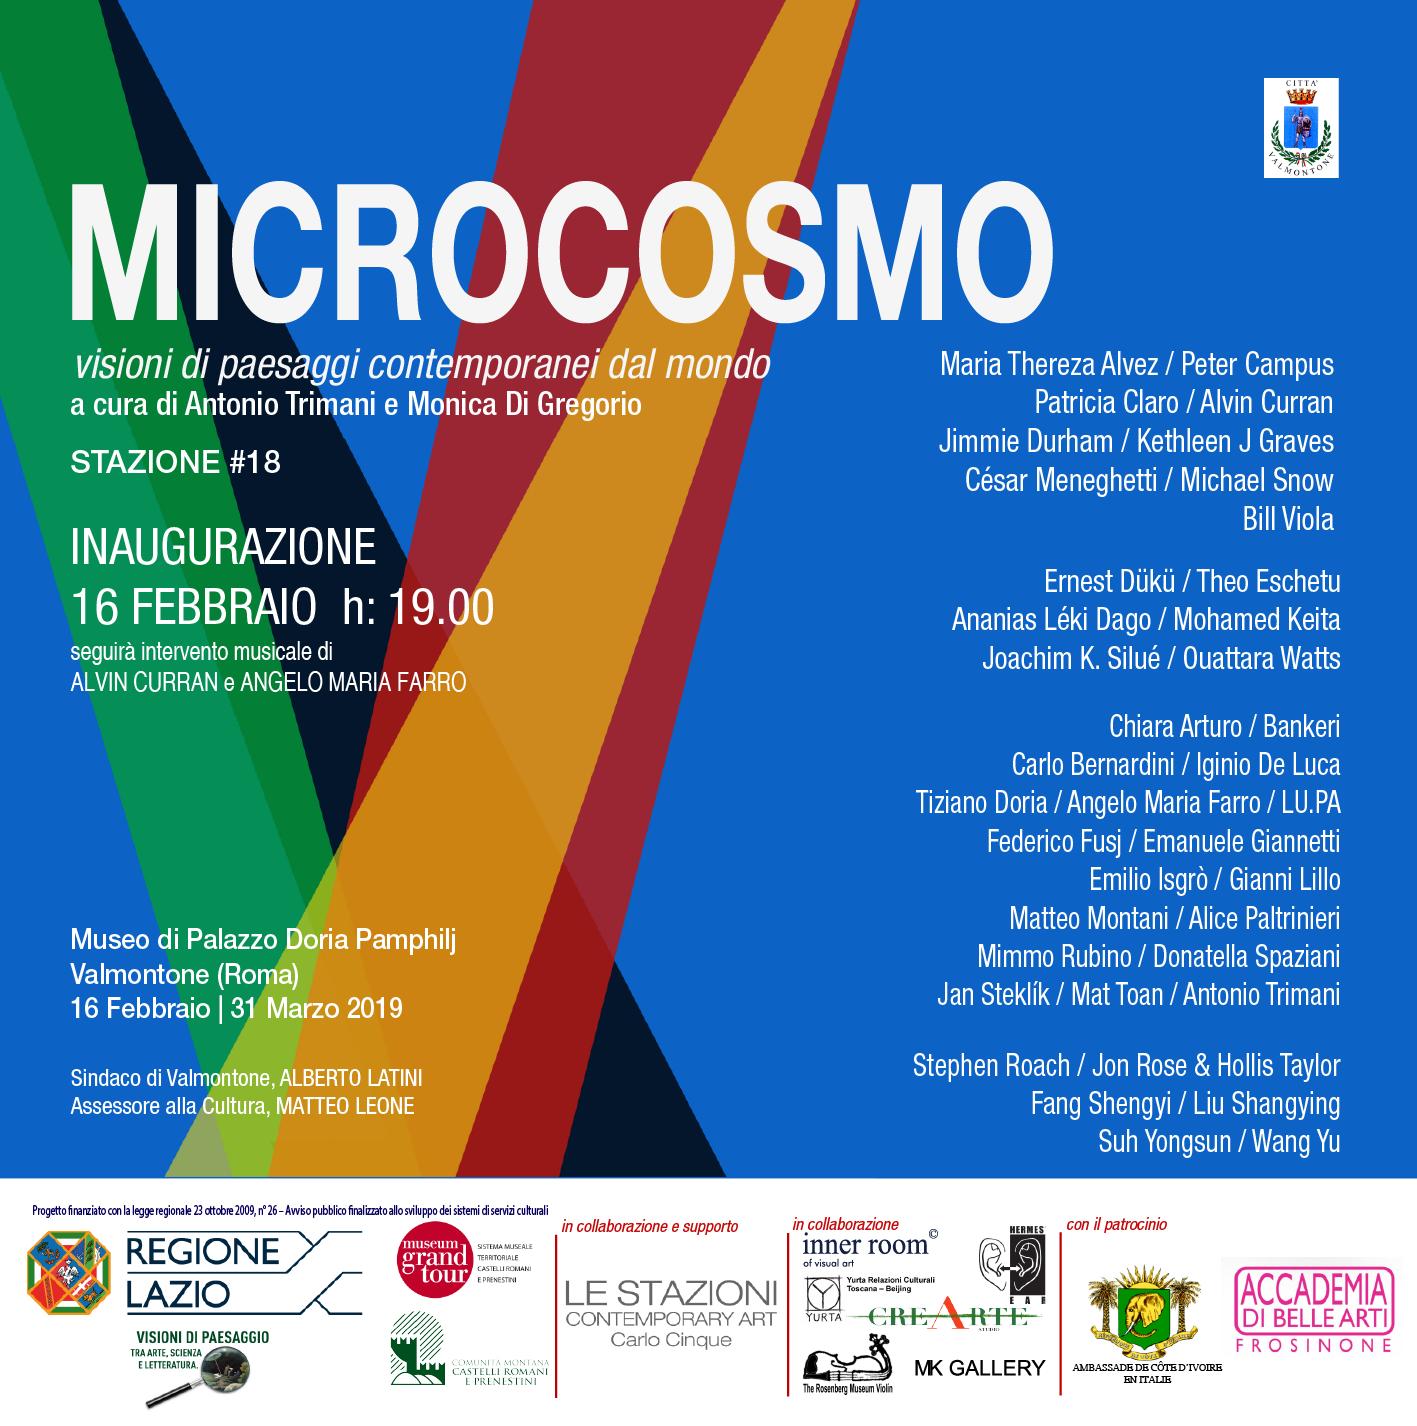 MICROCOSMO: visioni di paesaggi contemporanei dal mondo